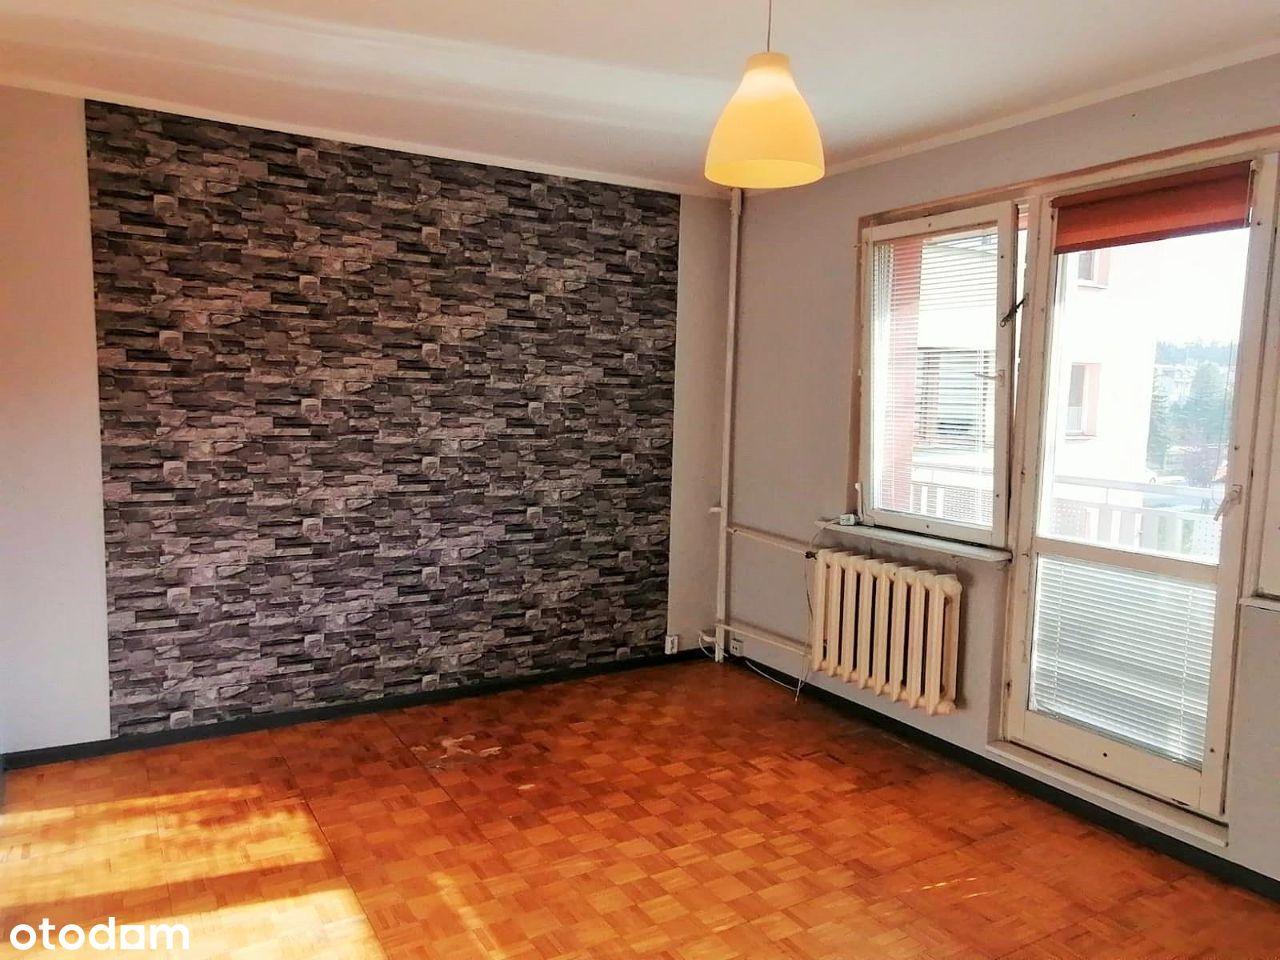 Ustawne mieszkanie, I piętro, niski blok, 3 pokoje